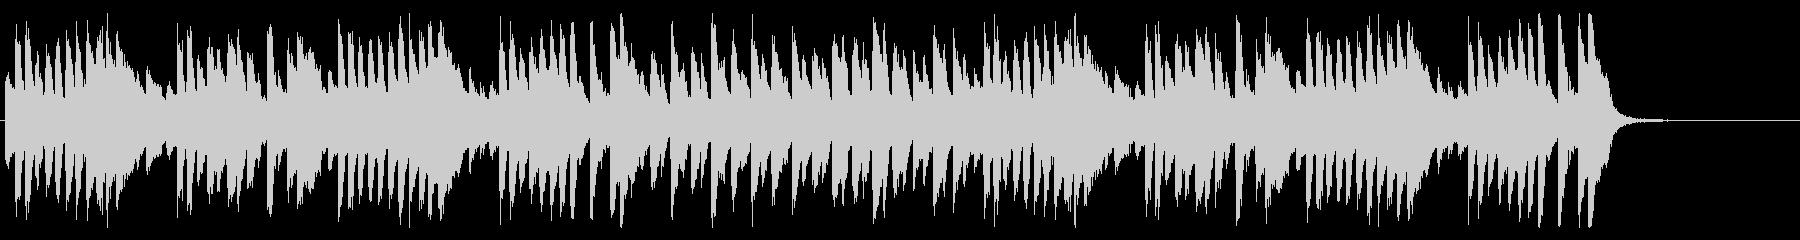 軽快なピアノのんの未再生の波形